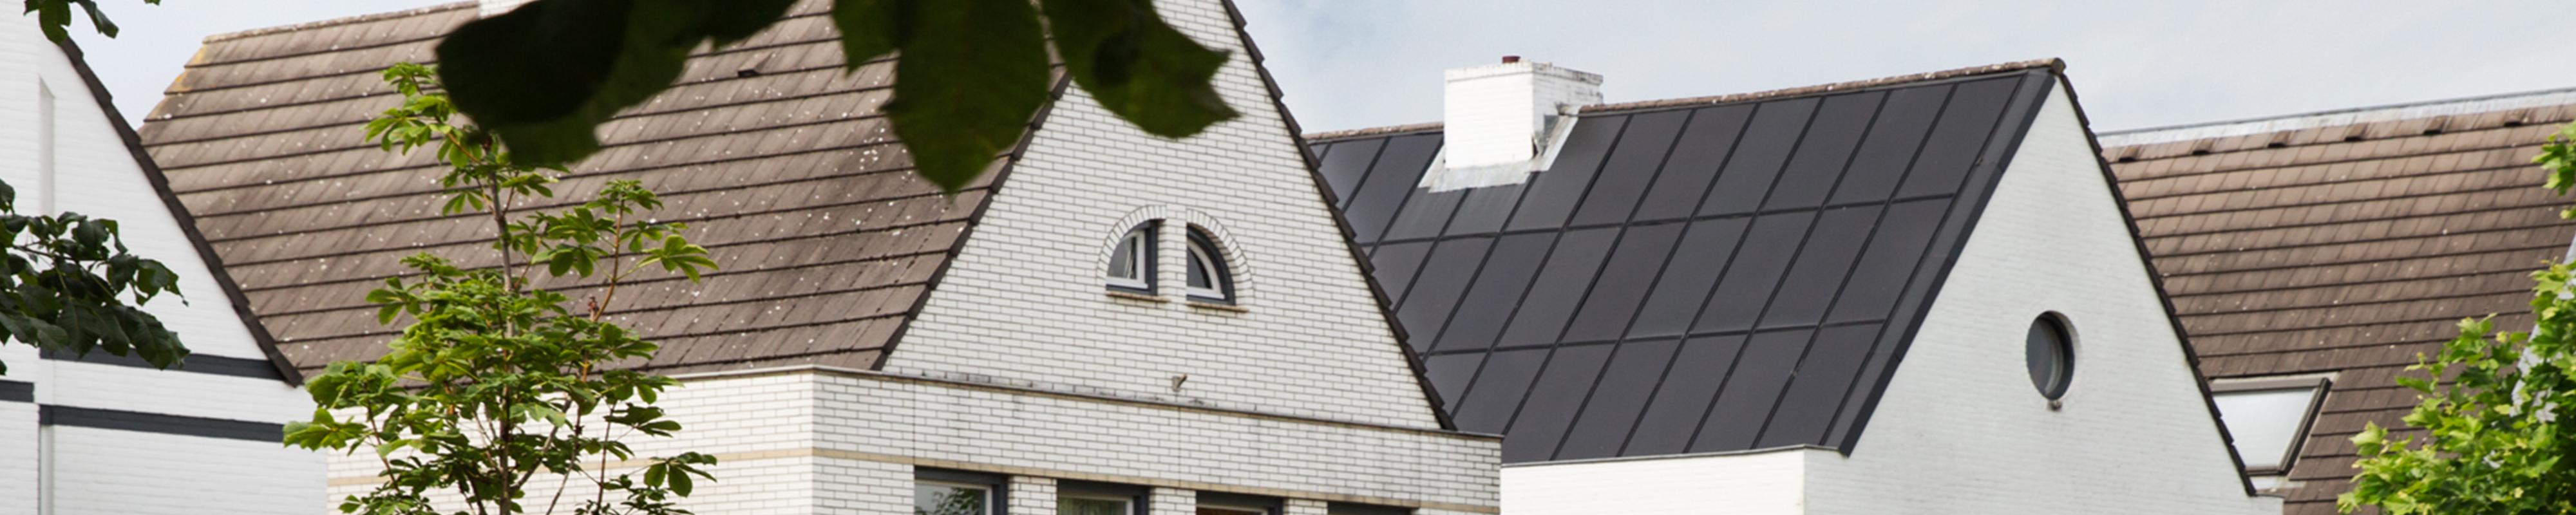 Banner van raoul zijn woning met dak erop